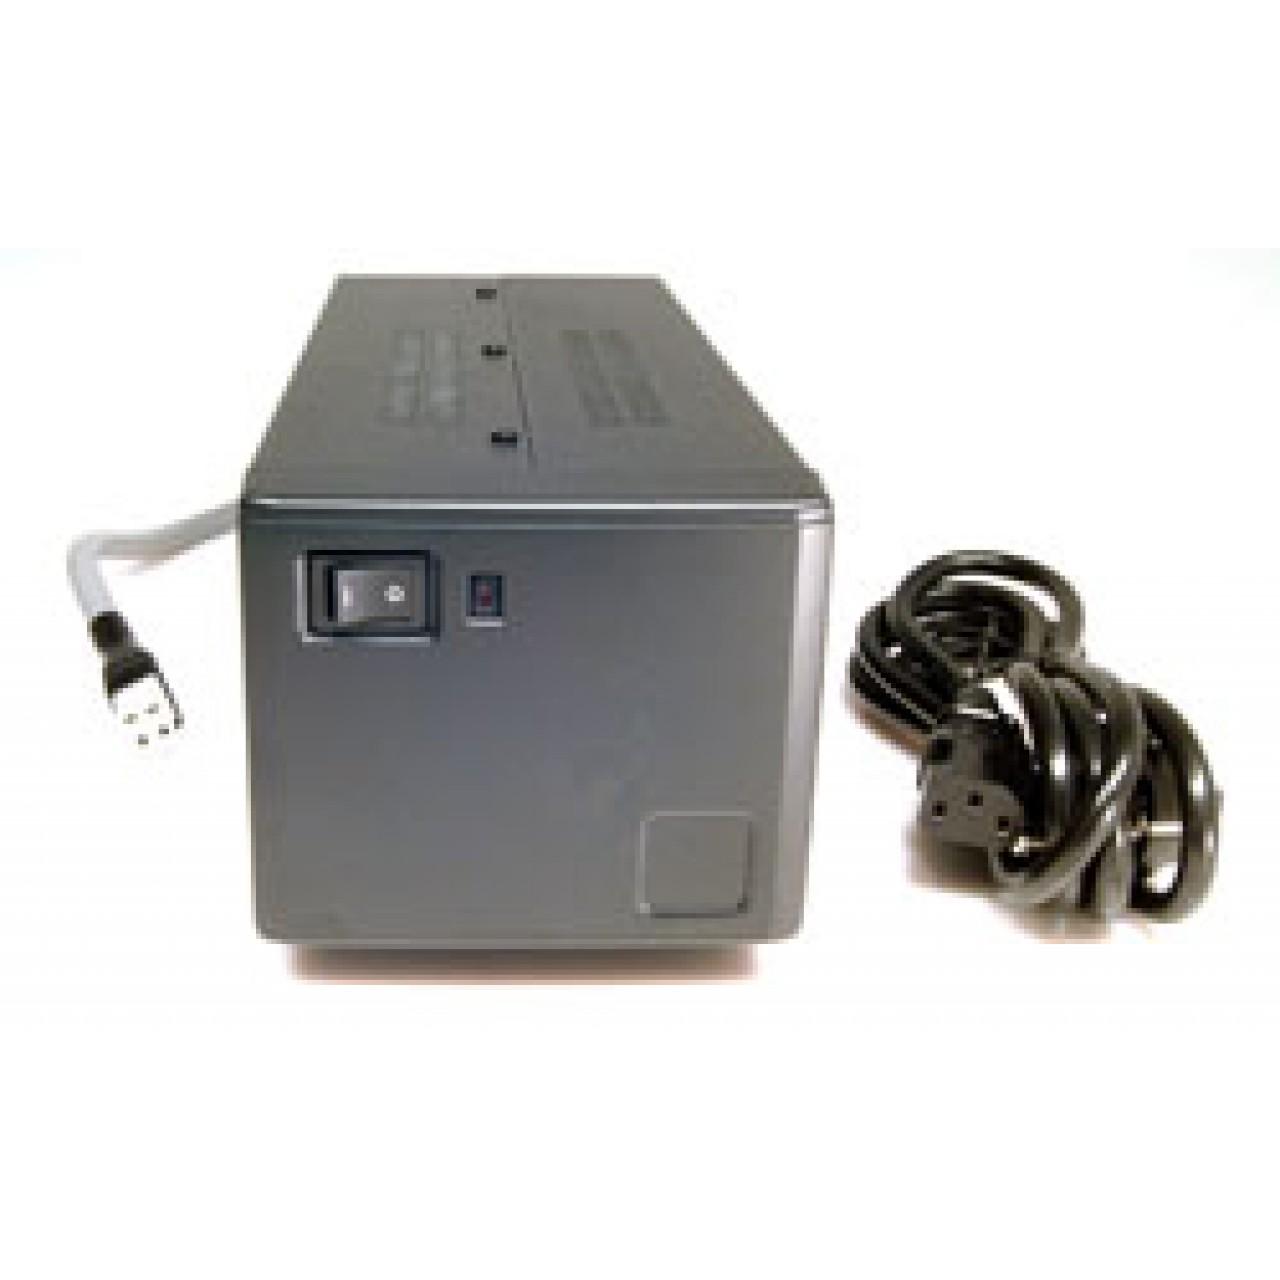 PS-126 Chargeurs et alimentations - ICOM